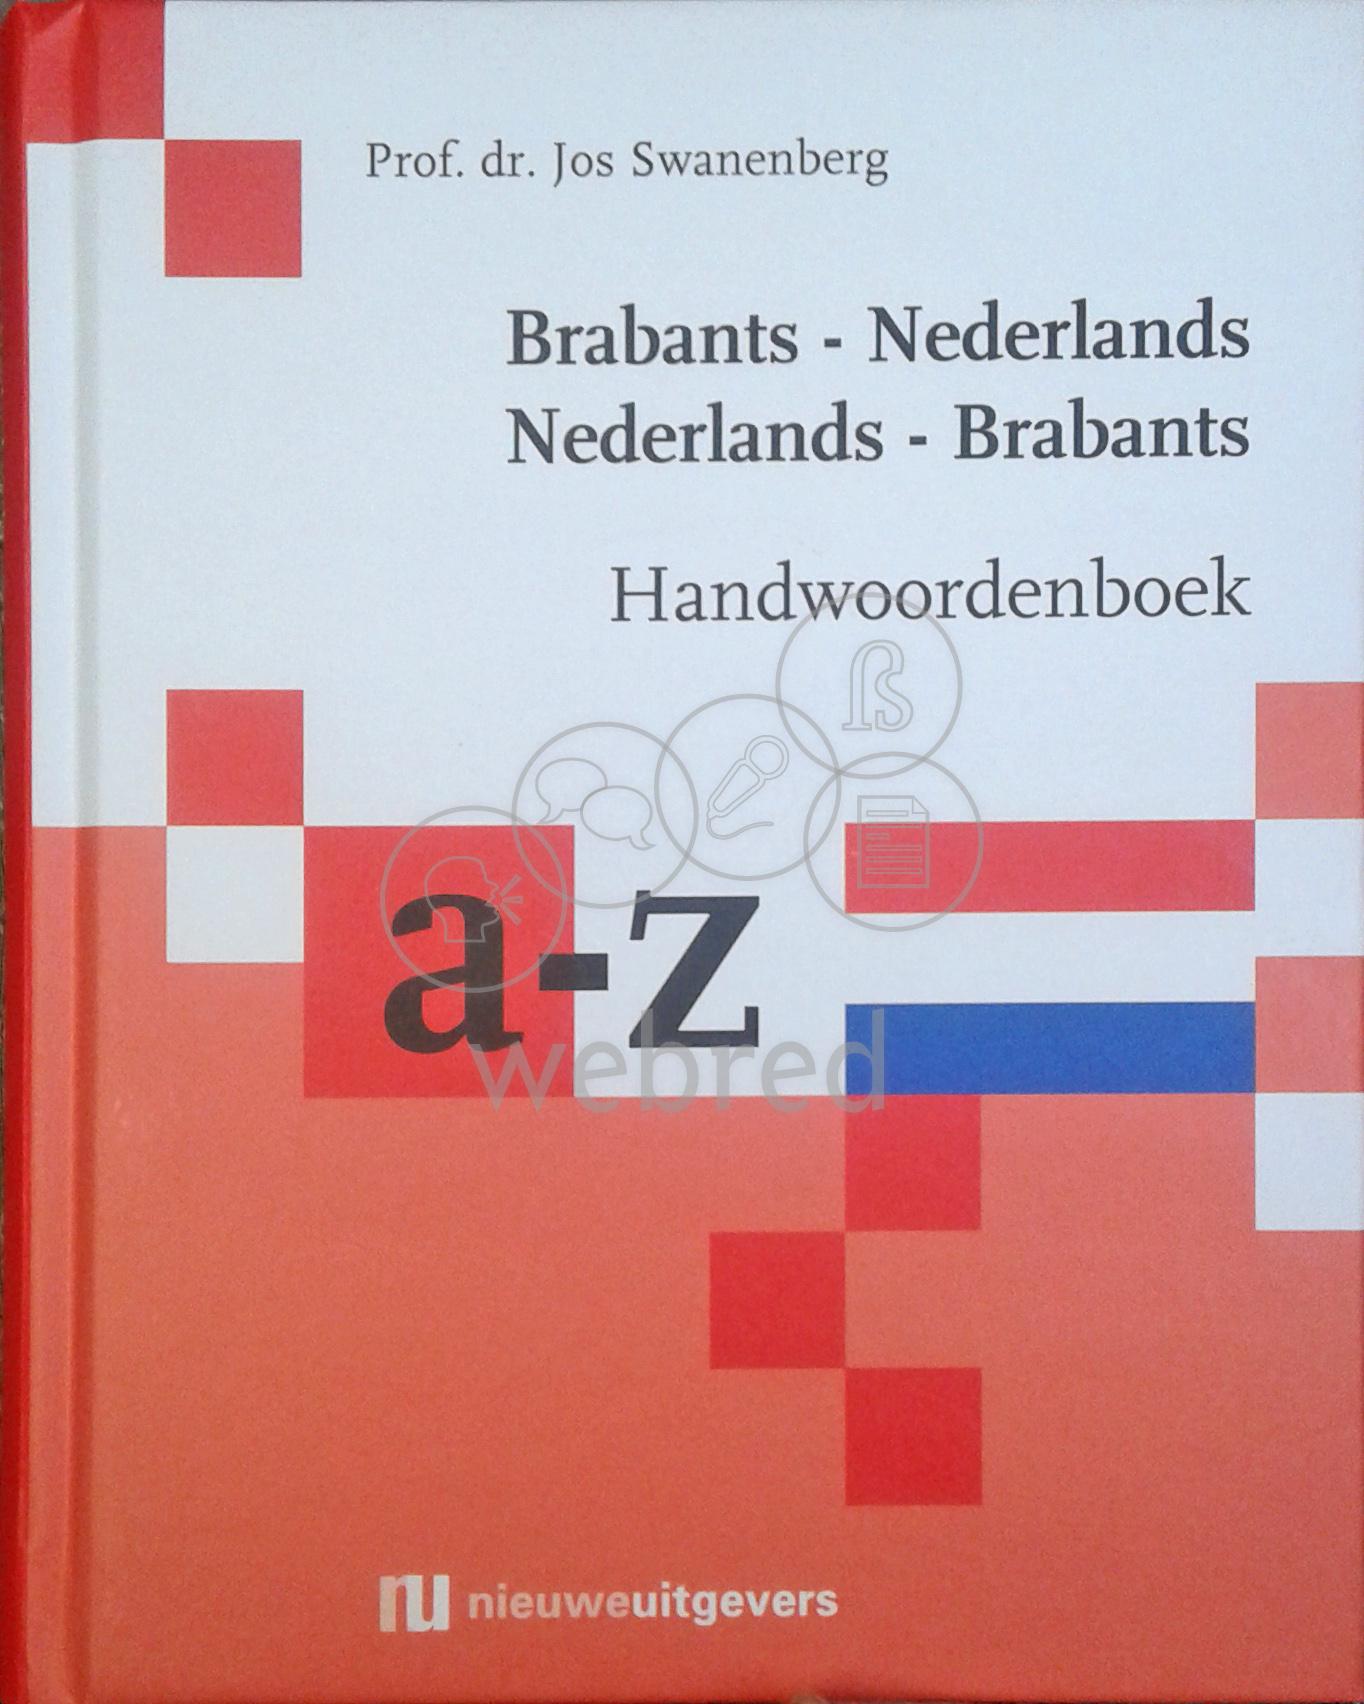 handwoordenboek nederlands